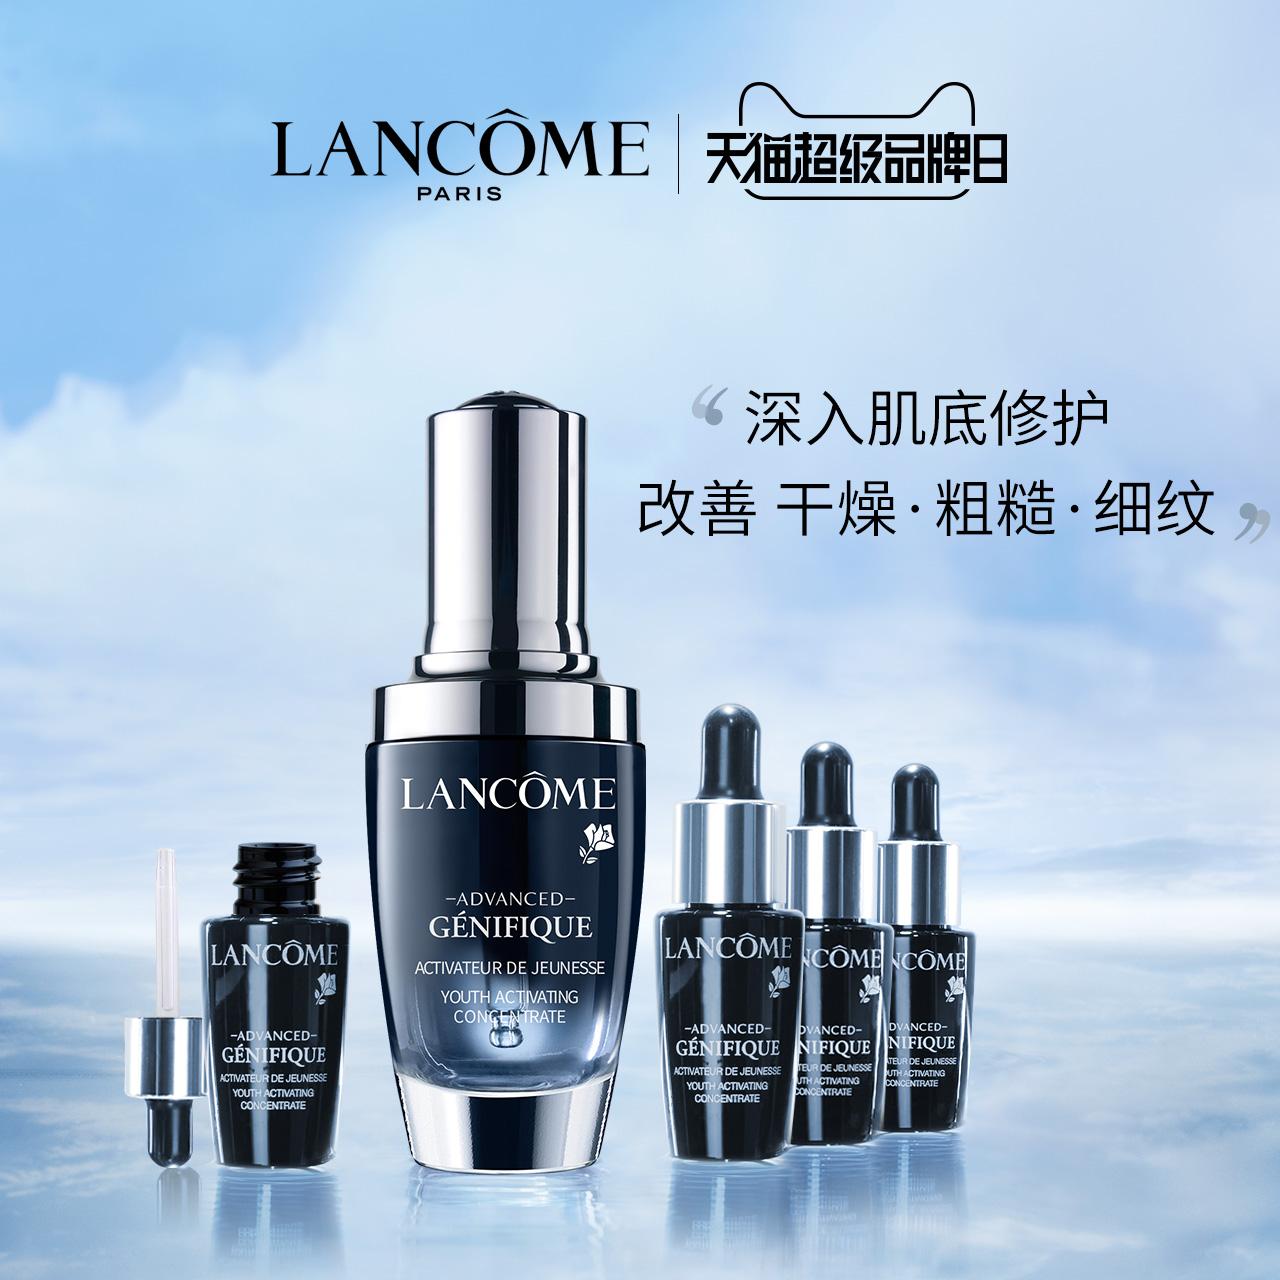 补水保湿修护肌肤30ml兰蔻小黑瓶面部精华肌底液预售超品